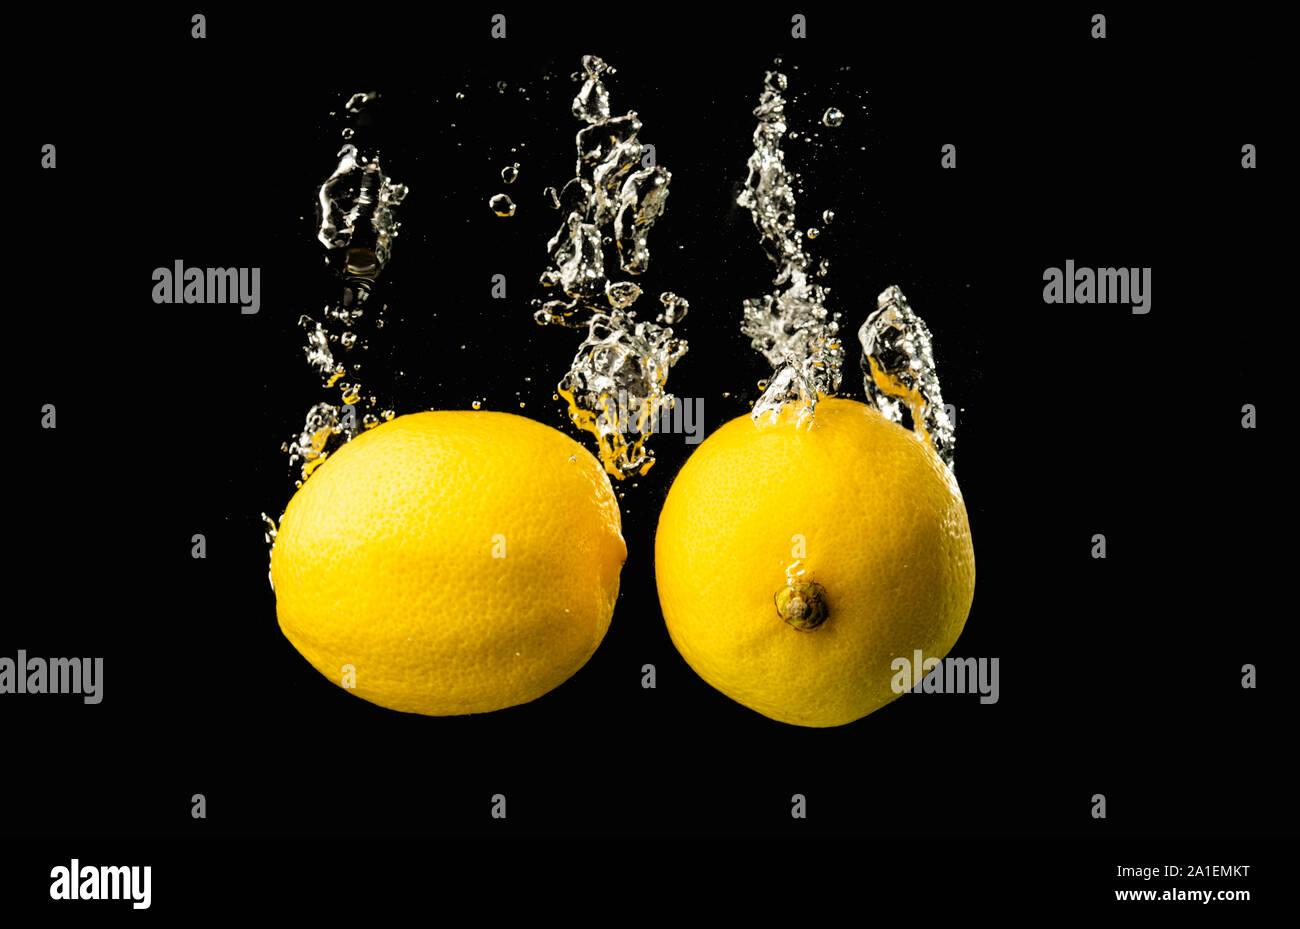 Fresh water splash en limones amarillos sobre fondo negro con un montón de burbujas de aire. Foto de stock